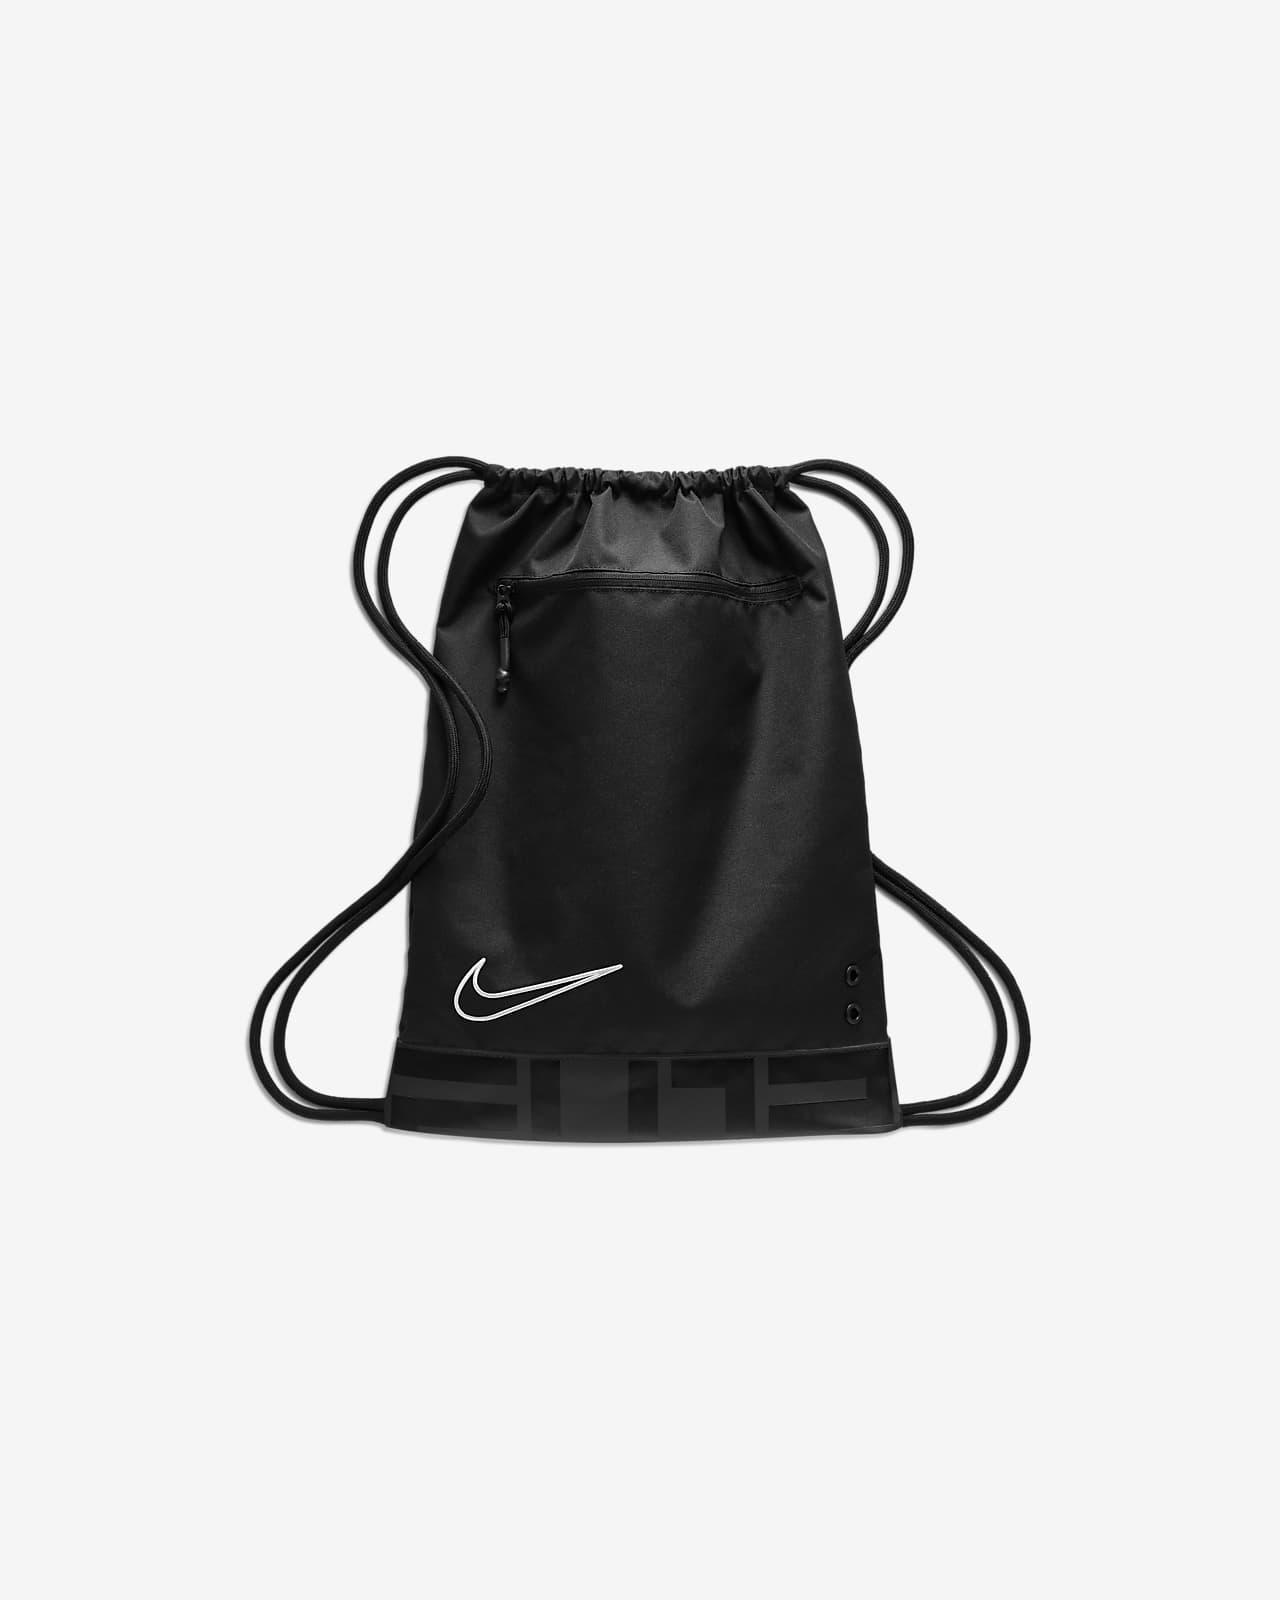 Nike Elite 篮球健身包